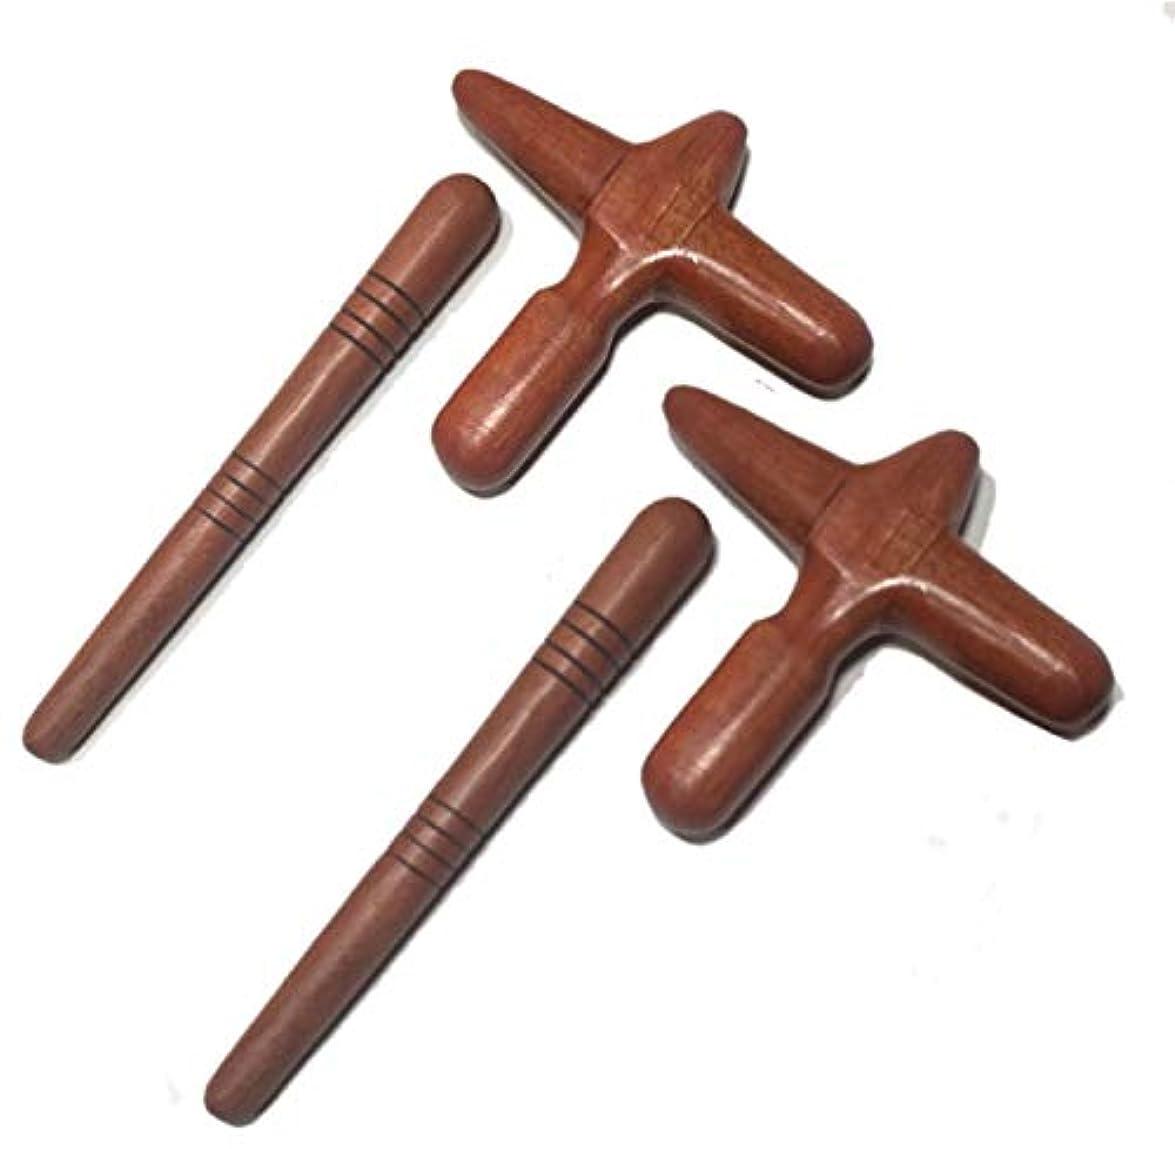 外向き中央影響木製 ツボ押し棒 2種類×2セット マッサージ棒 フットマッサージ棒 (2)